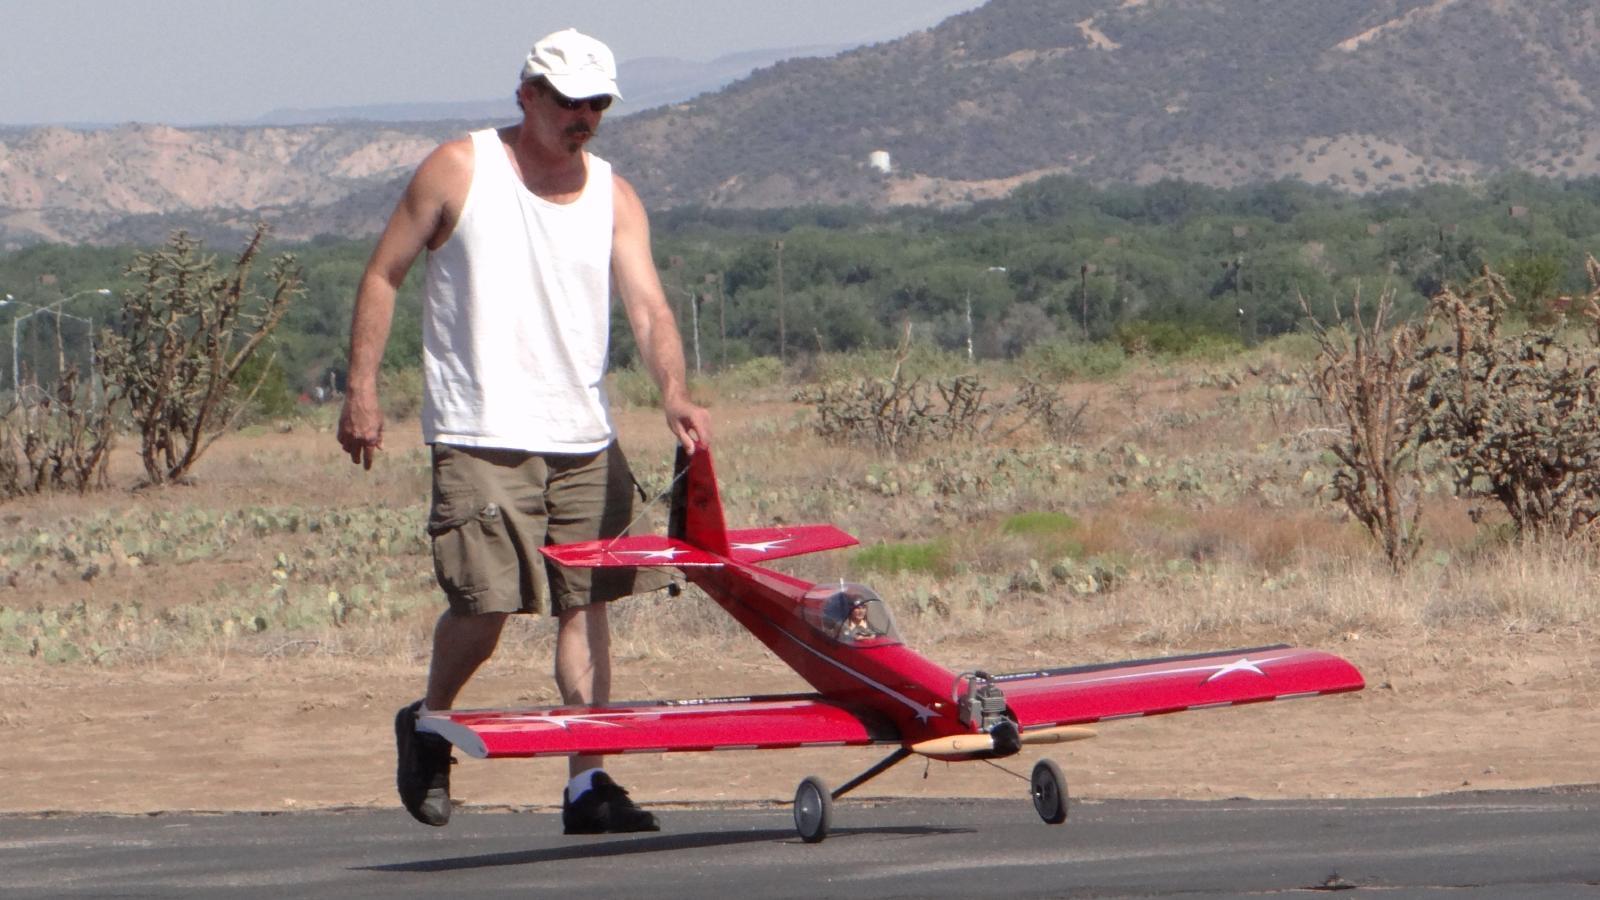 July 27, 2013 Club Fly